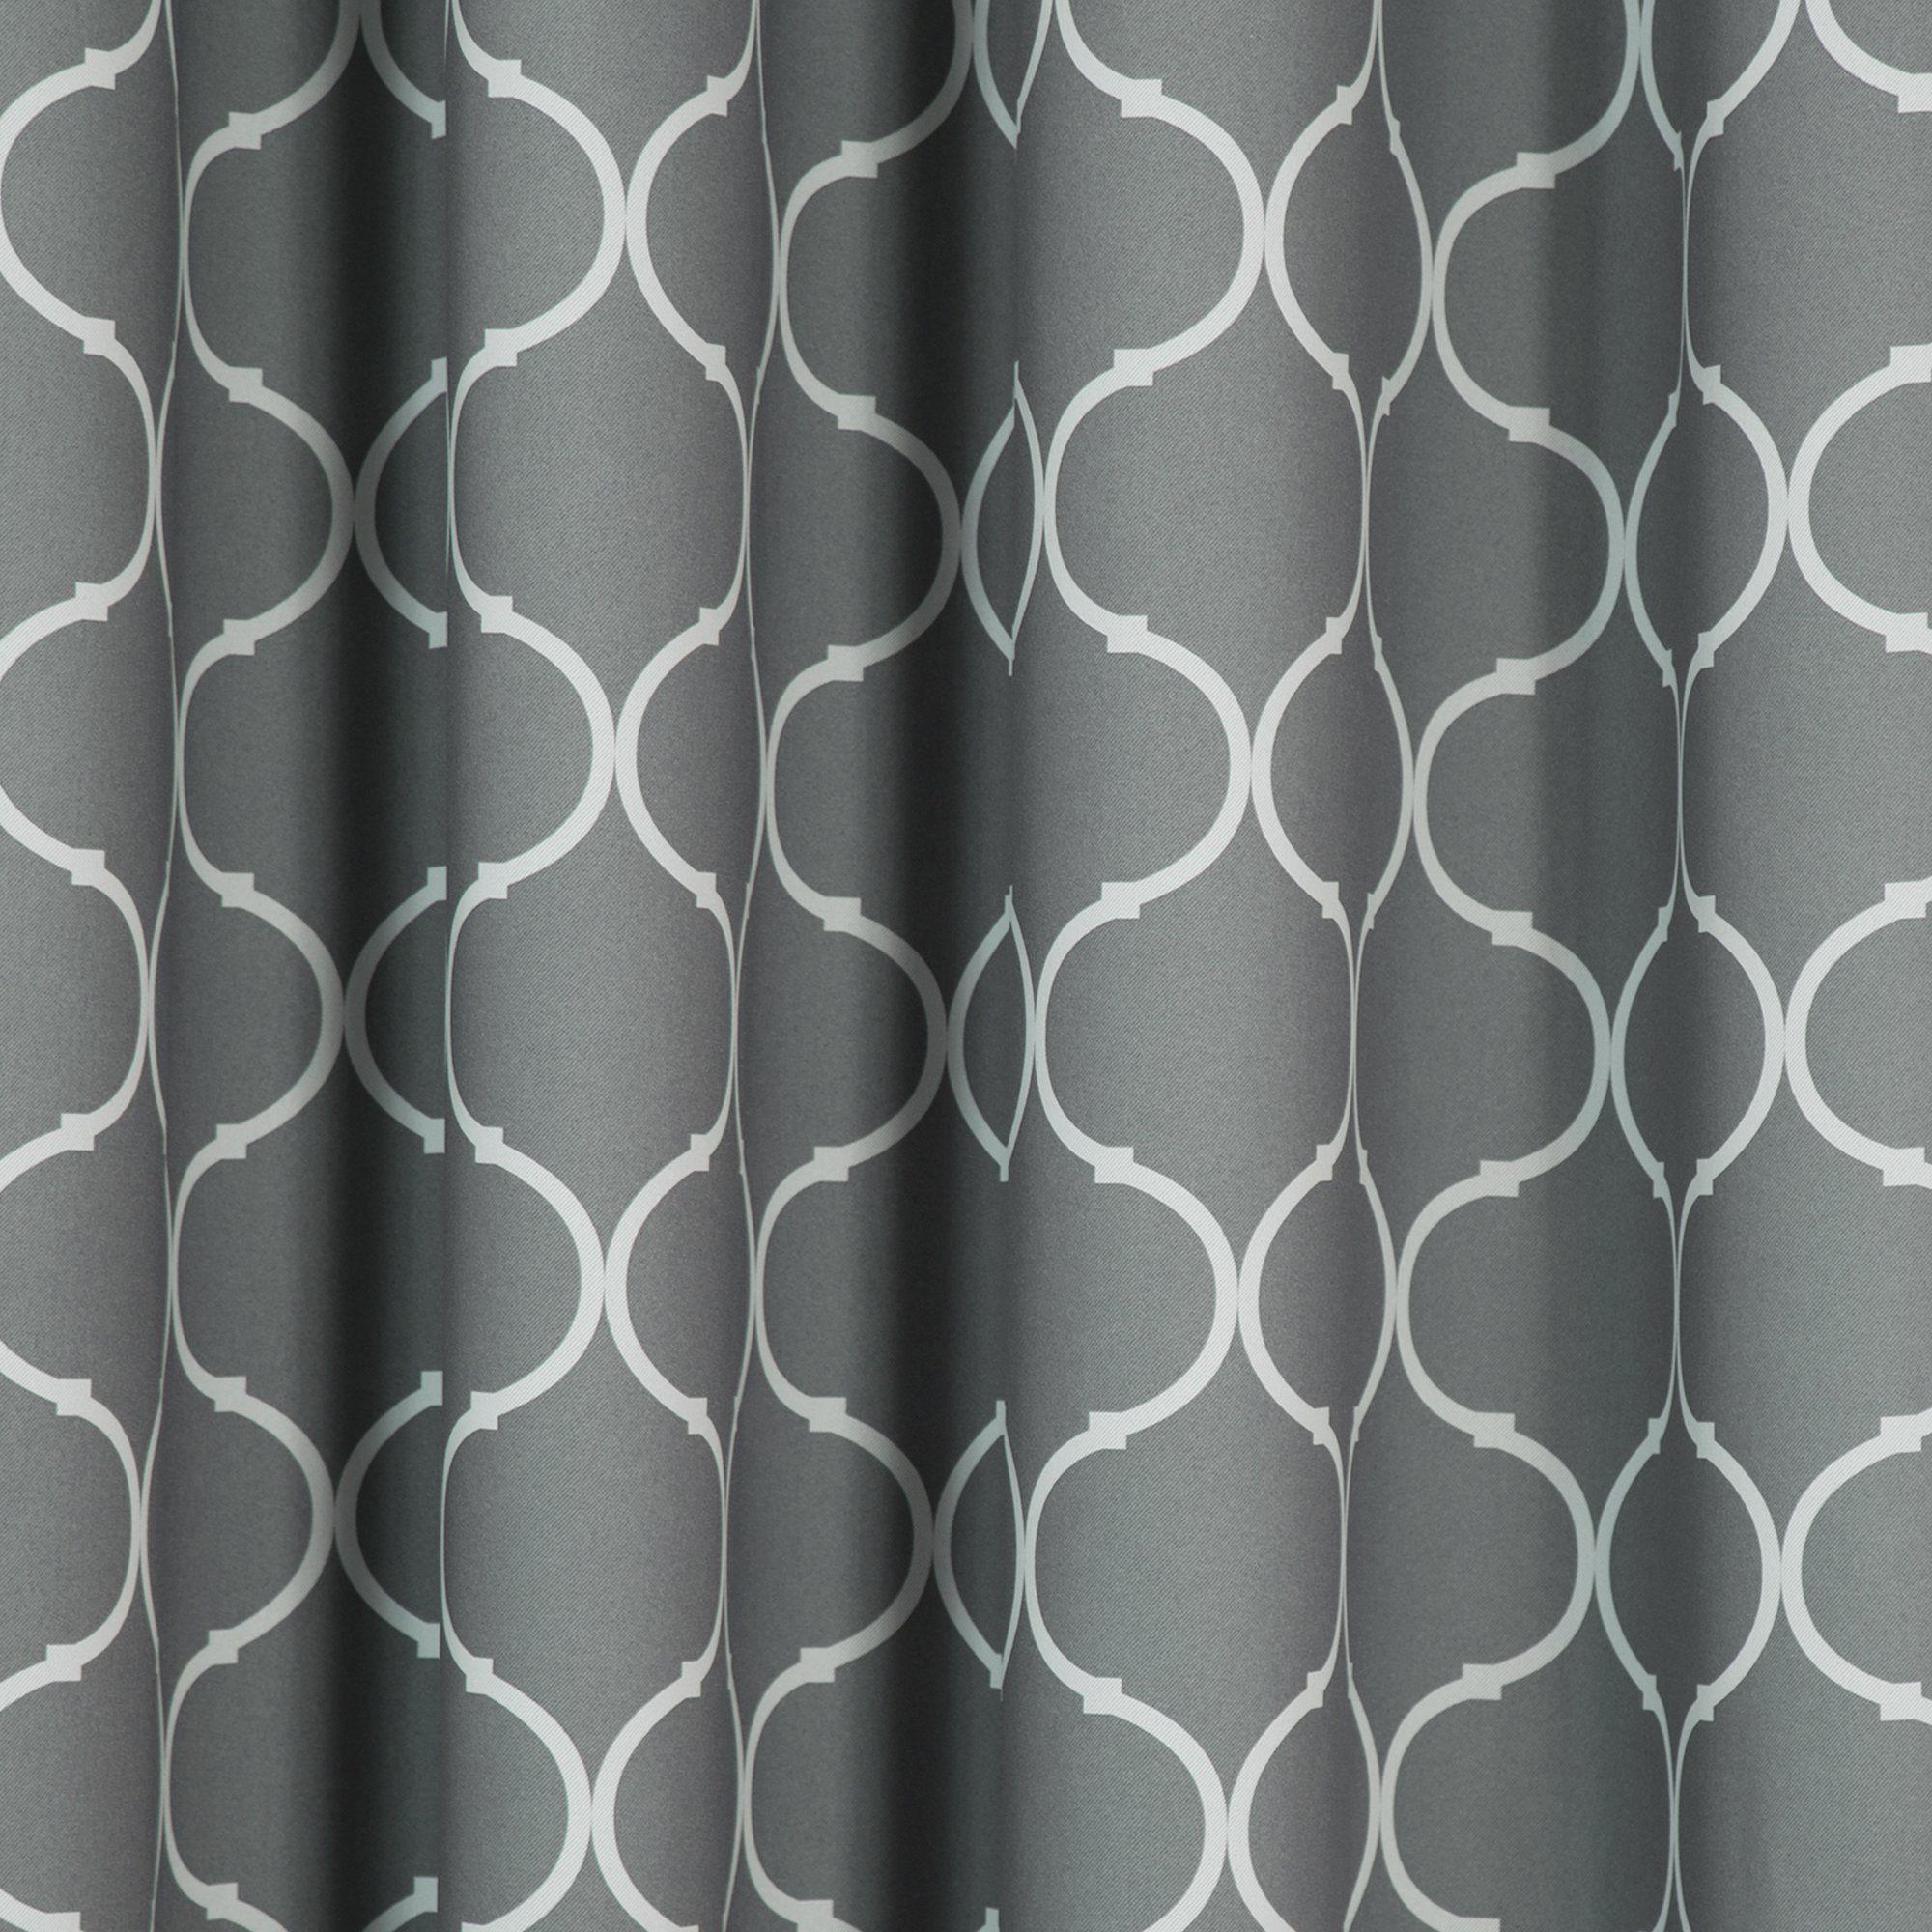 Pemberly room darkening thermal grommeteyelet curtain panels